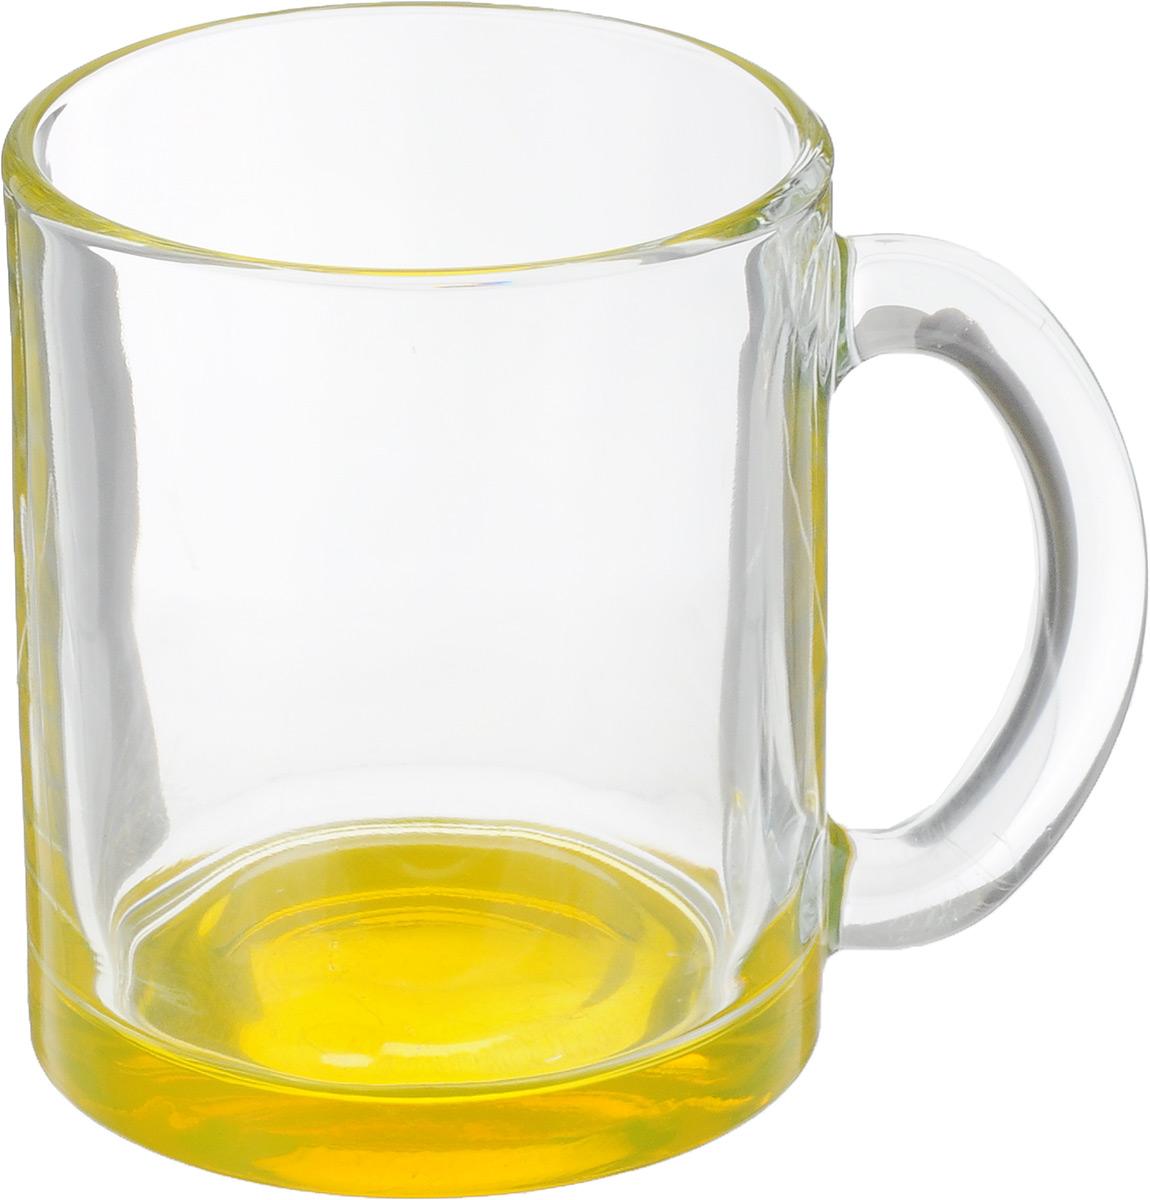 Кружка OSZ Чайная, цвет: прозрачный, желтый, 320 мл04C1208LM_желтыйКружка OSZ Чайная изготовлена из стекла двух цветов. Изделие идеально подходит для сервировки стола.Кружка не только украсит ваш кухонный стол, но и подчеркнет прекрасный вкус хозяйки. Диаметр кружки (по верхнему краю): 8 см. Высота кружки: 9,5 см. Объем кружки: 320 мл.